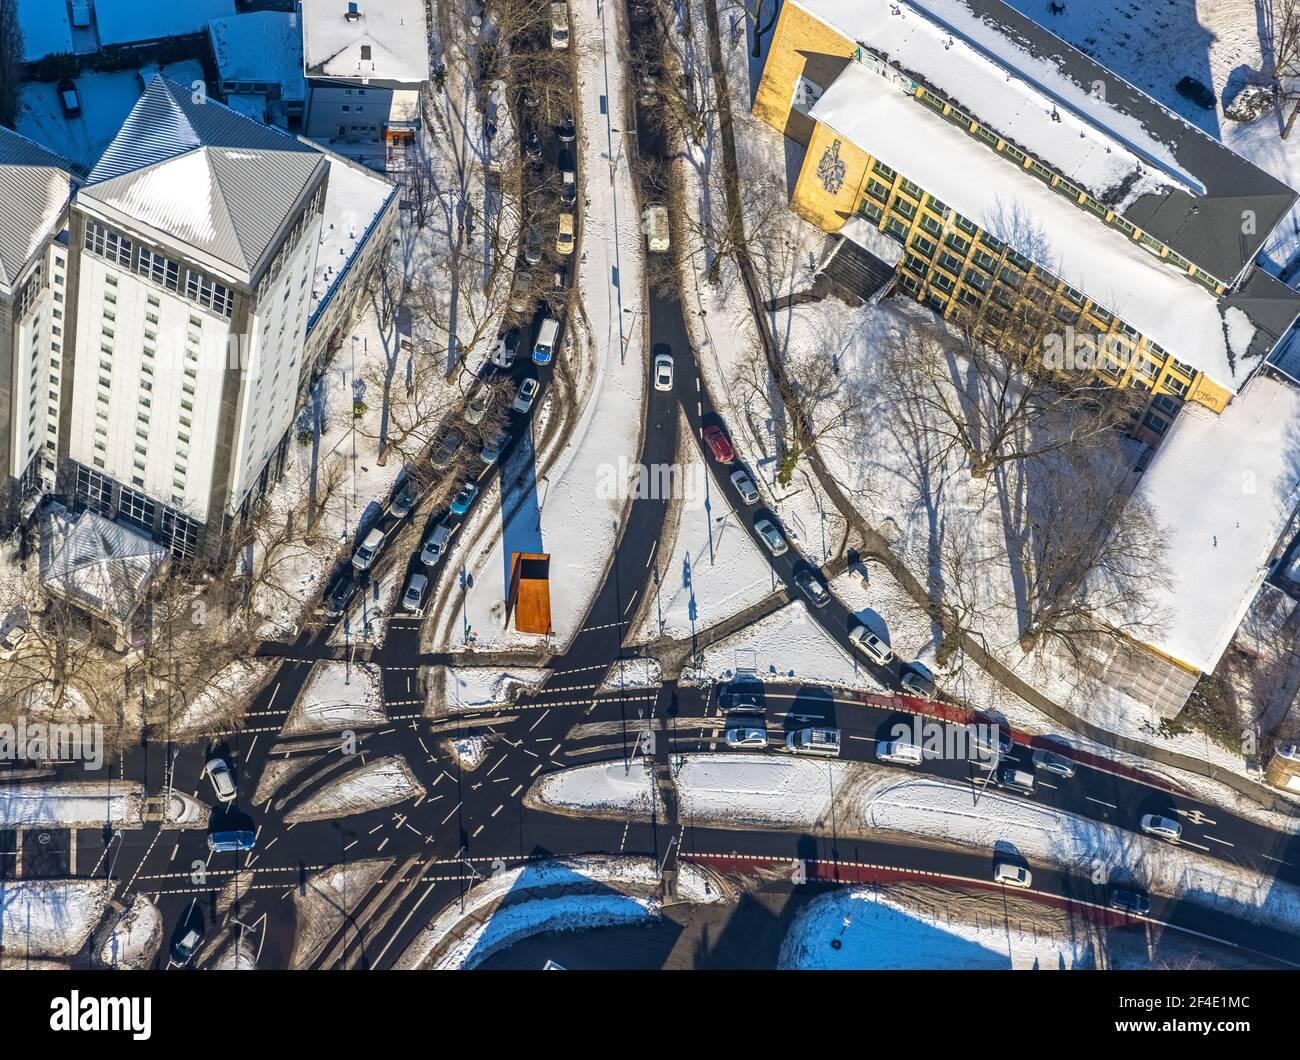 Luftaufnahme, Überquerung im Schnee am Hauptbahnhof, Wittener Straße, Ostring, Gleisdreieck, Bochum, Ruhrgebiet, Nordrhein-Westfalen, Deutschland, e Stockfoto